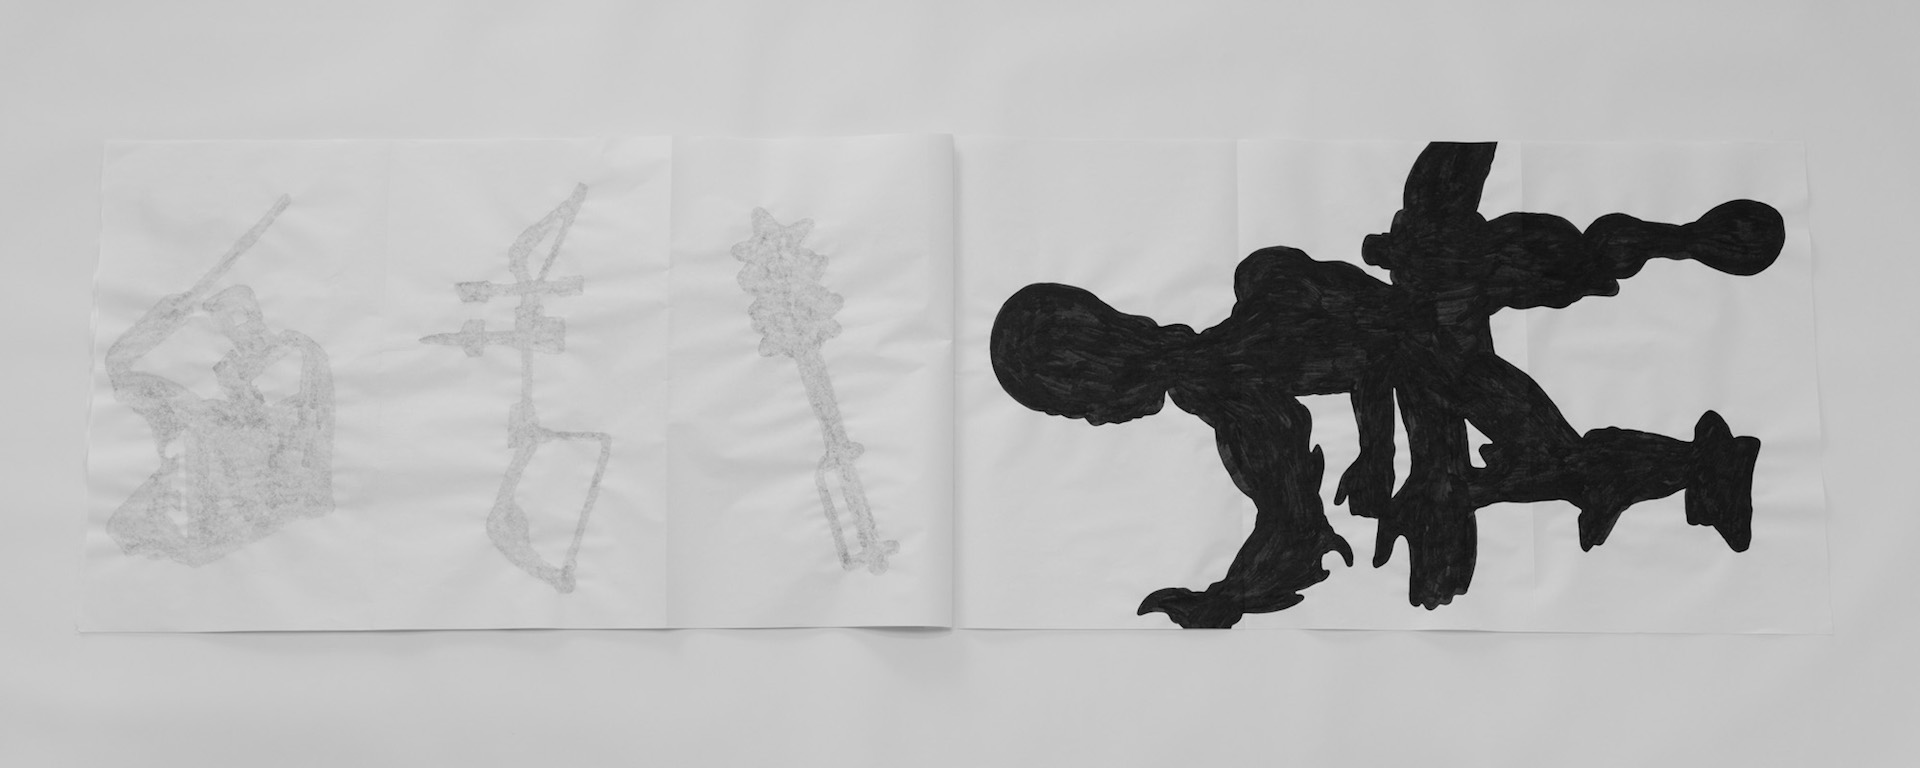 Harsh Patel,   MOTU (Masters Of The Universe) (detail) , 2018, paper, ink, nickel, 26 × 46 in